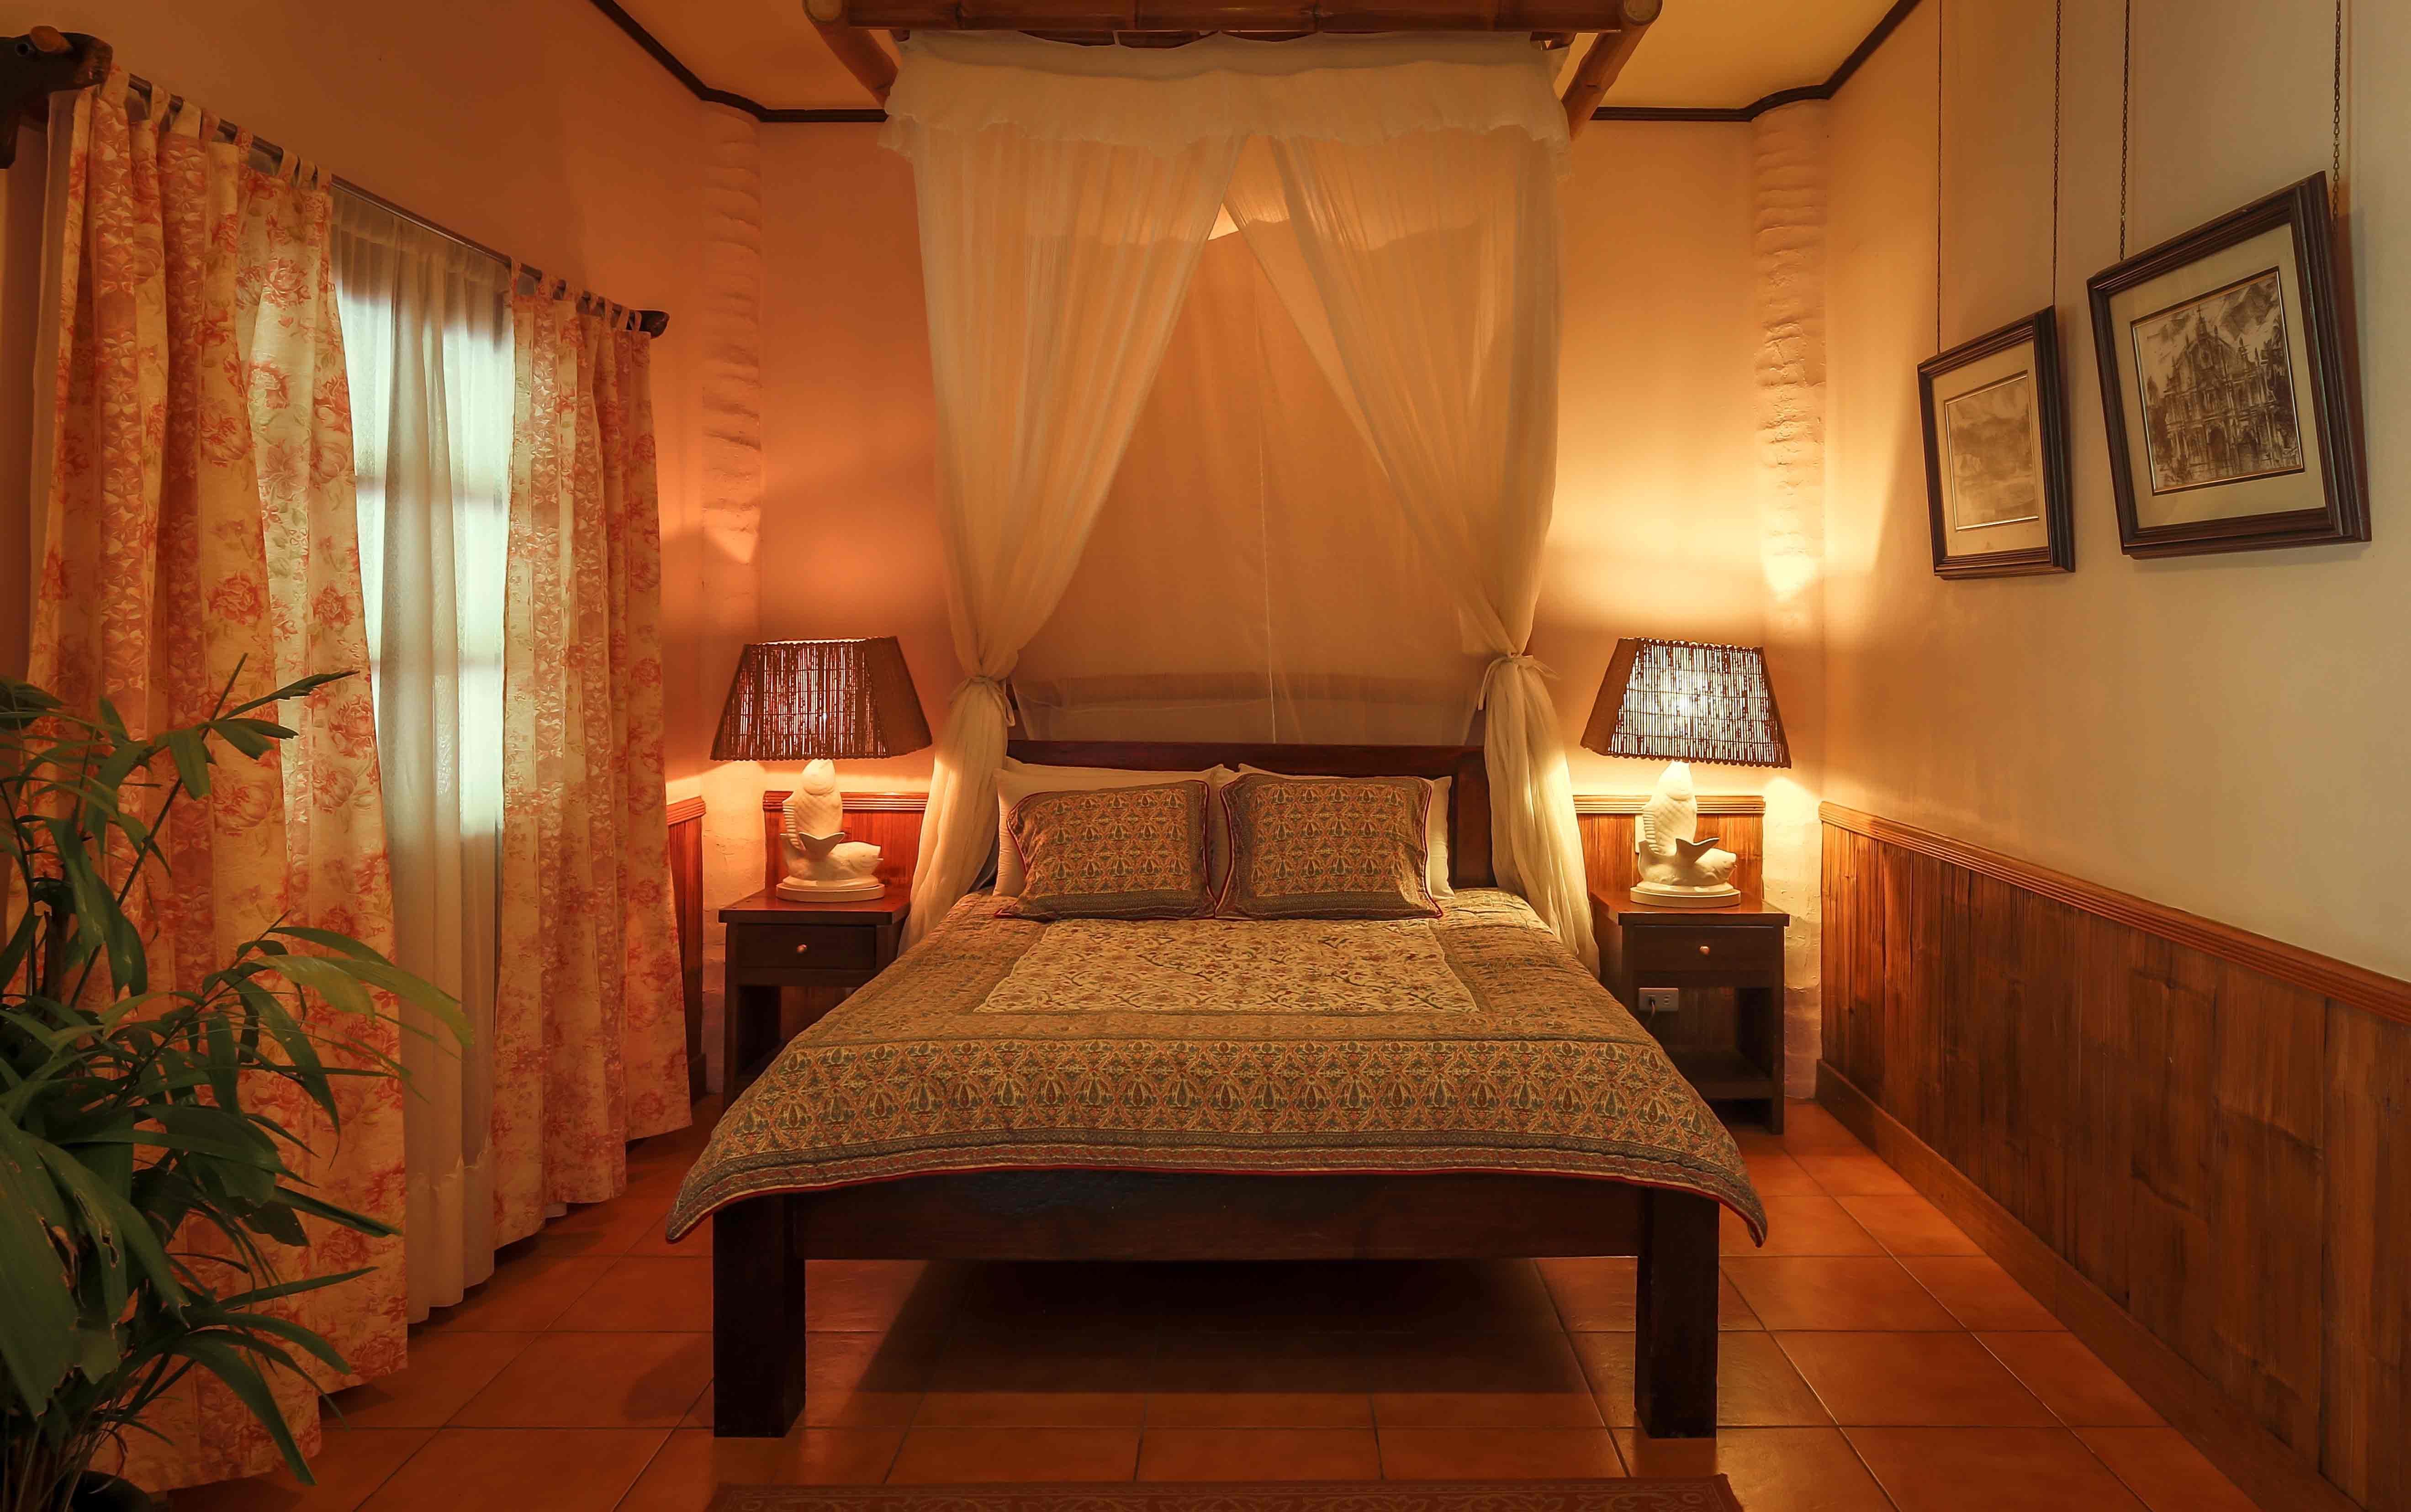 Gumamela suites villa escudero Villa escudero room pictures